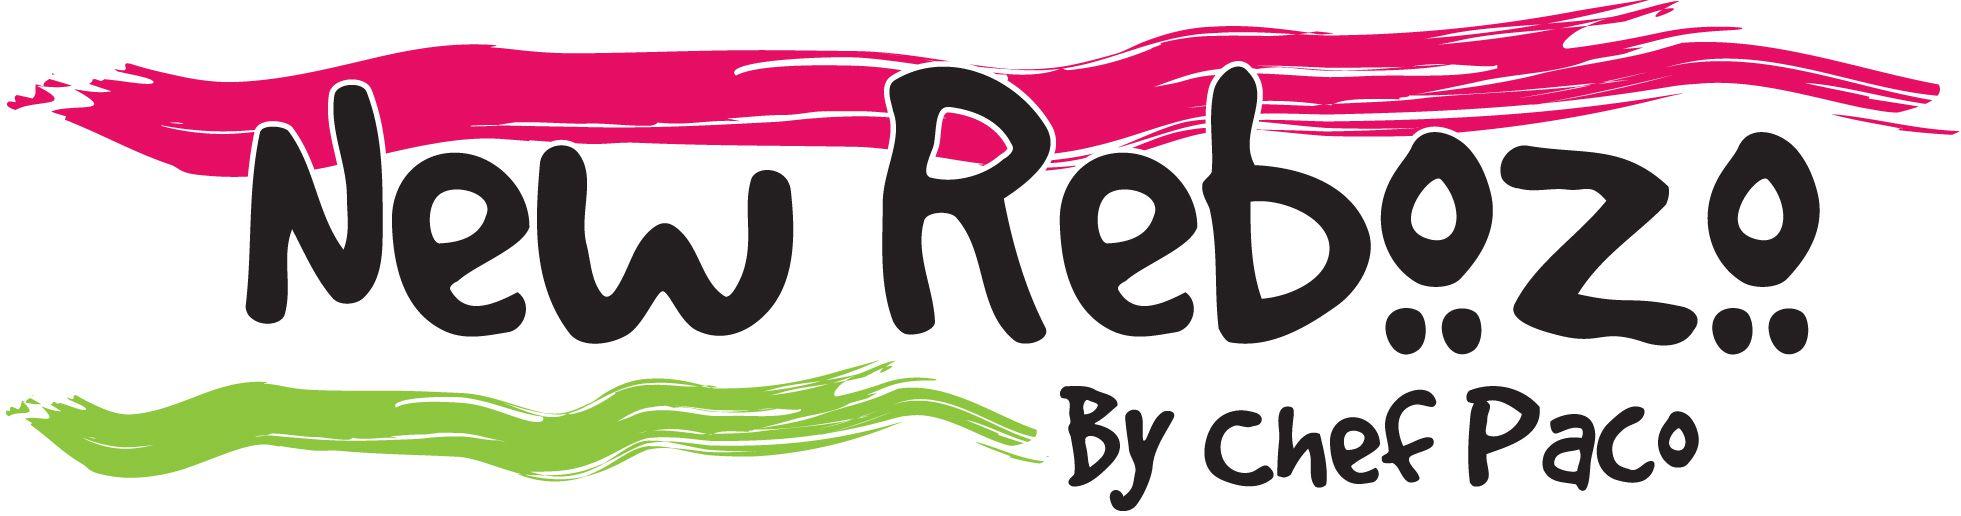 Menu / Online Ordering - New Rebozo